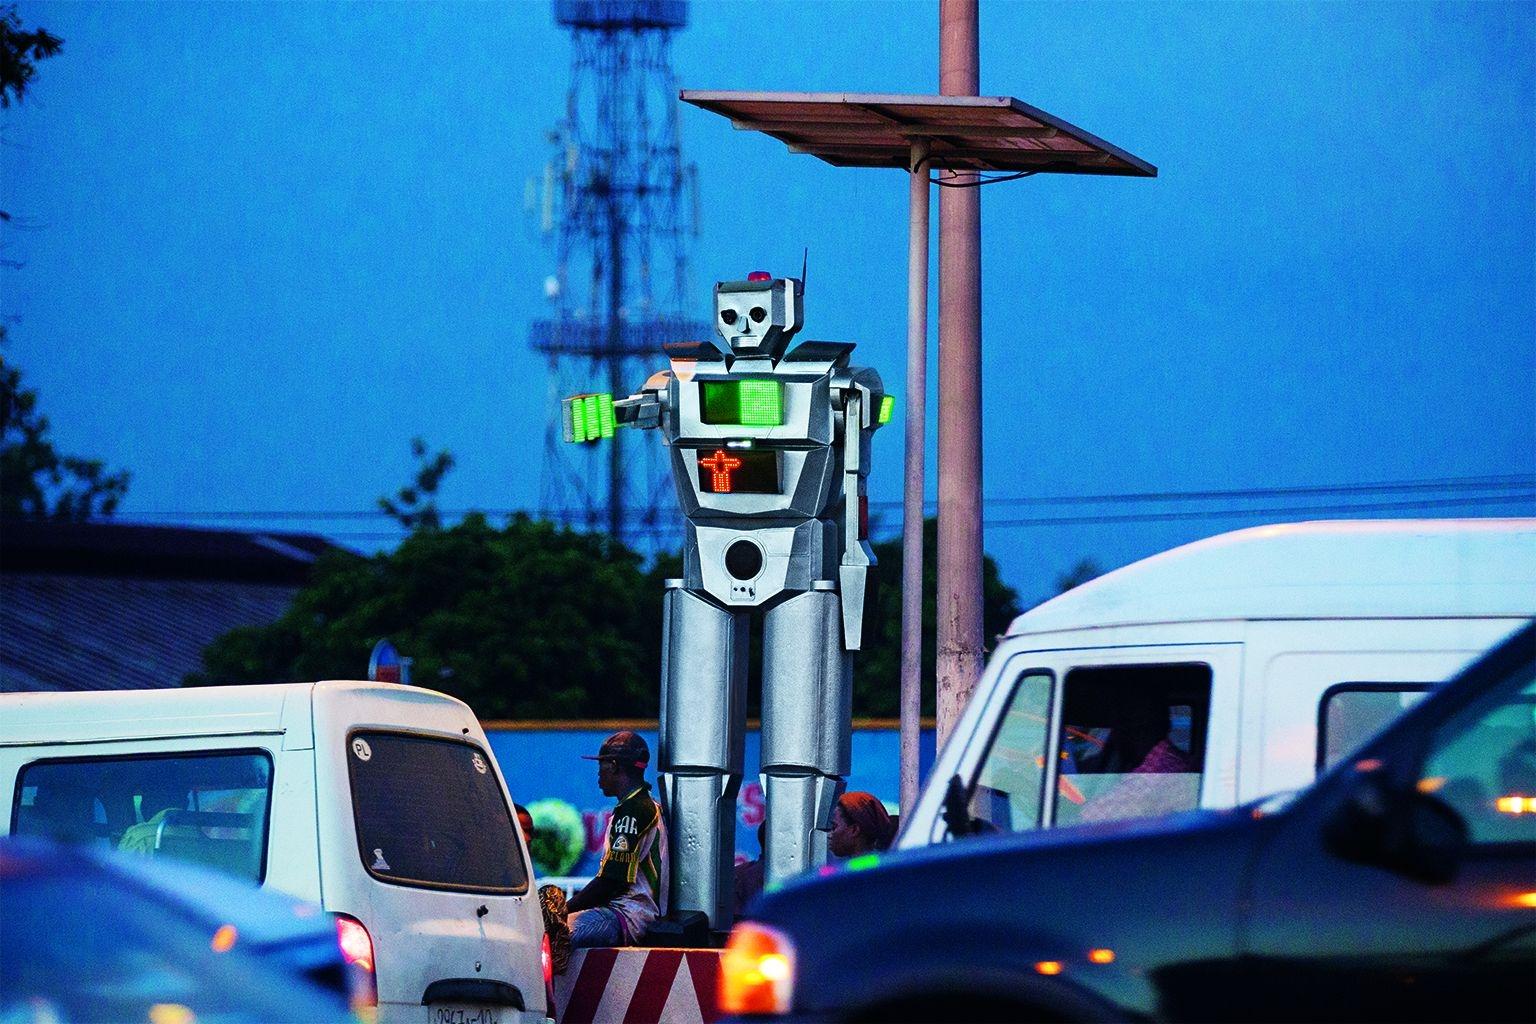 金夏沙這個靠太陽能供電的交通機器人可以錄下違規影片。它也會為排隊等候的人播放音樂。PHOTOS: PASCAL MAITRE